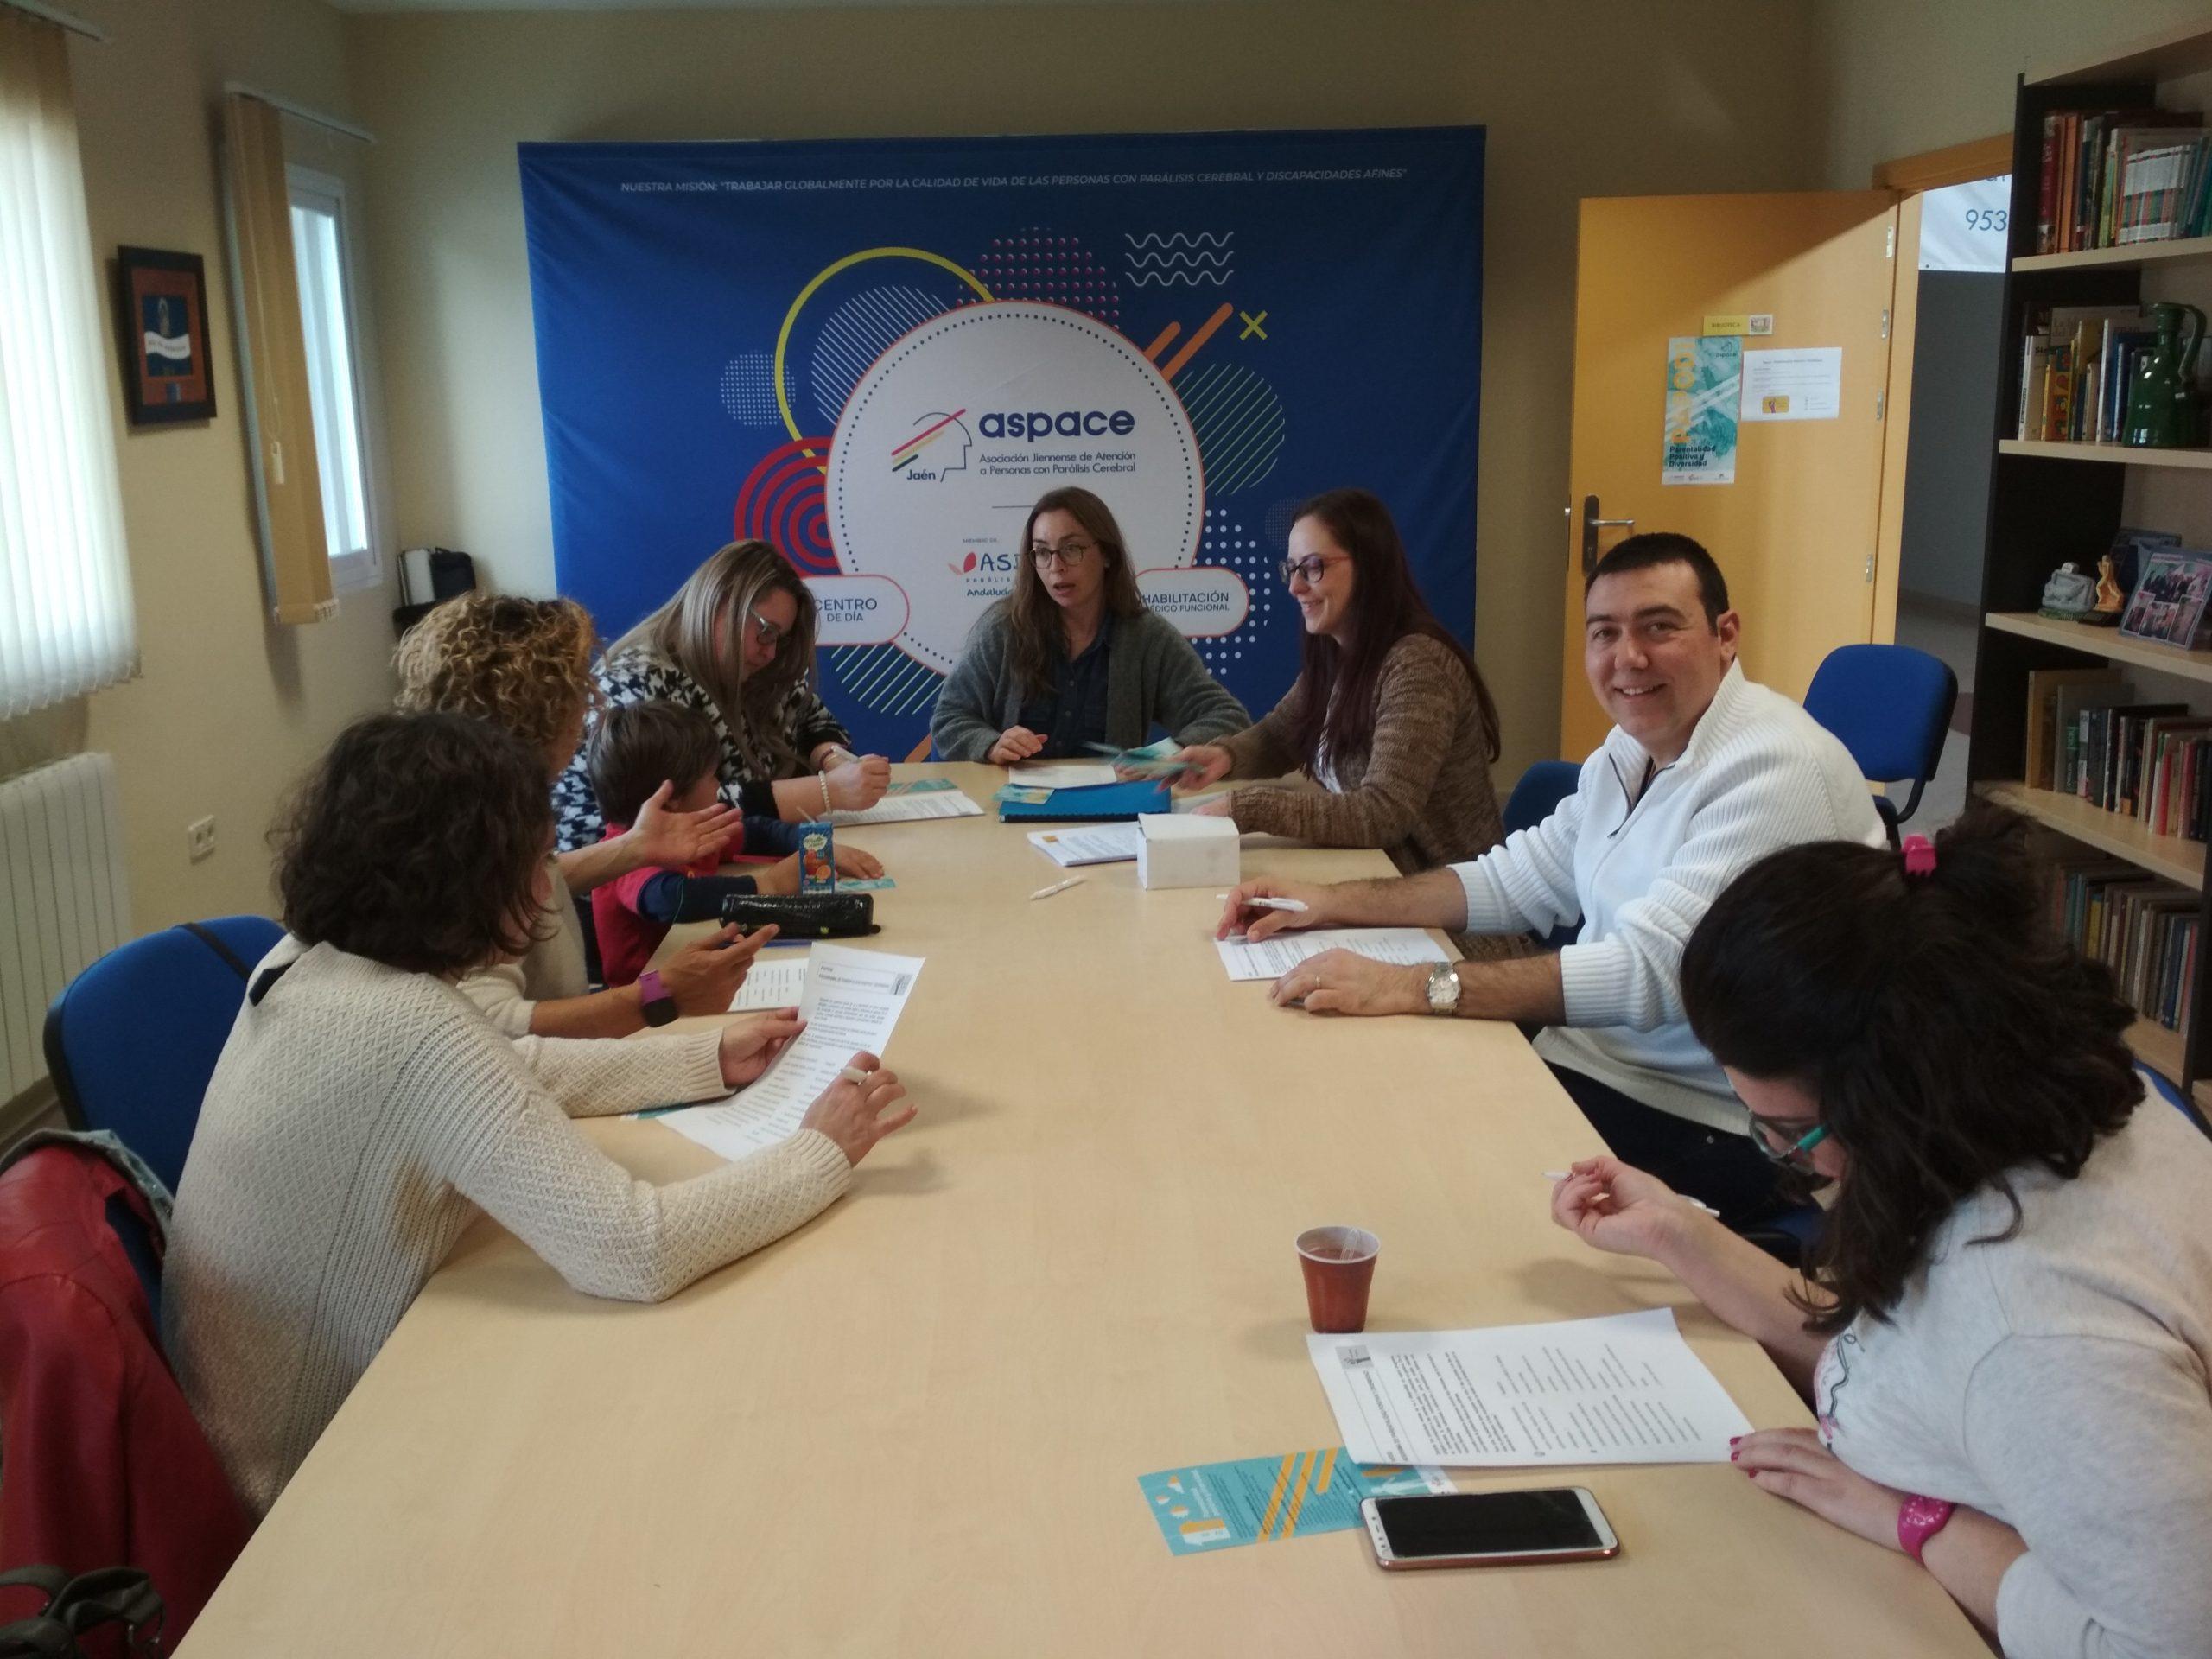 Se presenta el programa PAPODI – Parentalidad positiva en la diversidad